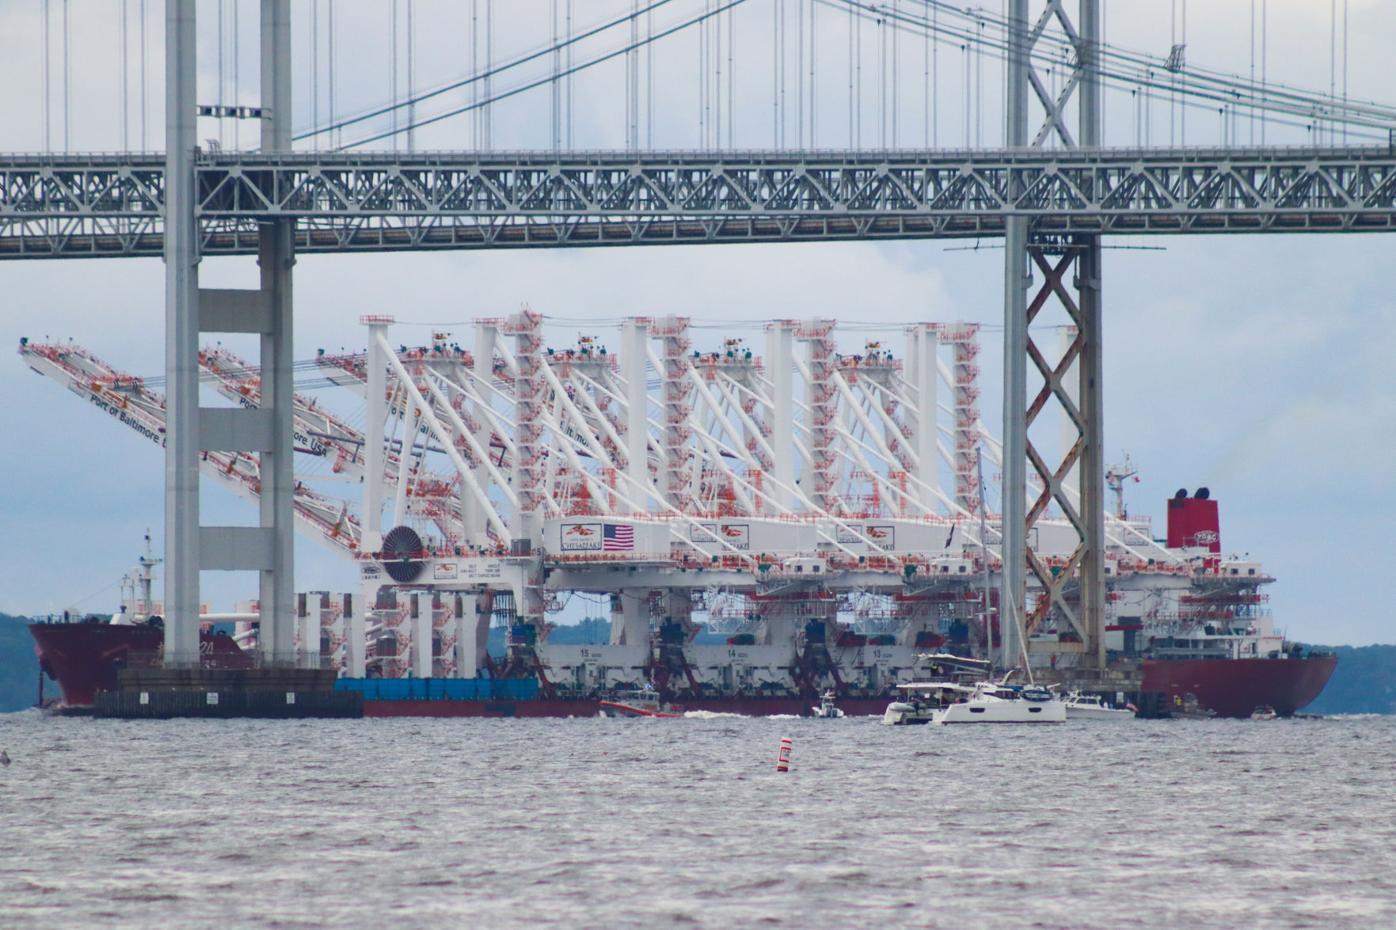 Bridge traffic halted as crane shipment arrives at port after long journey